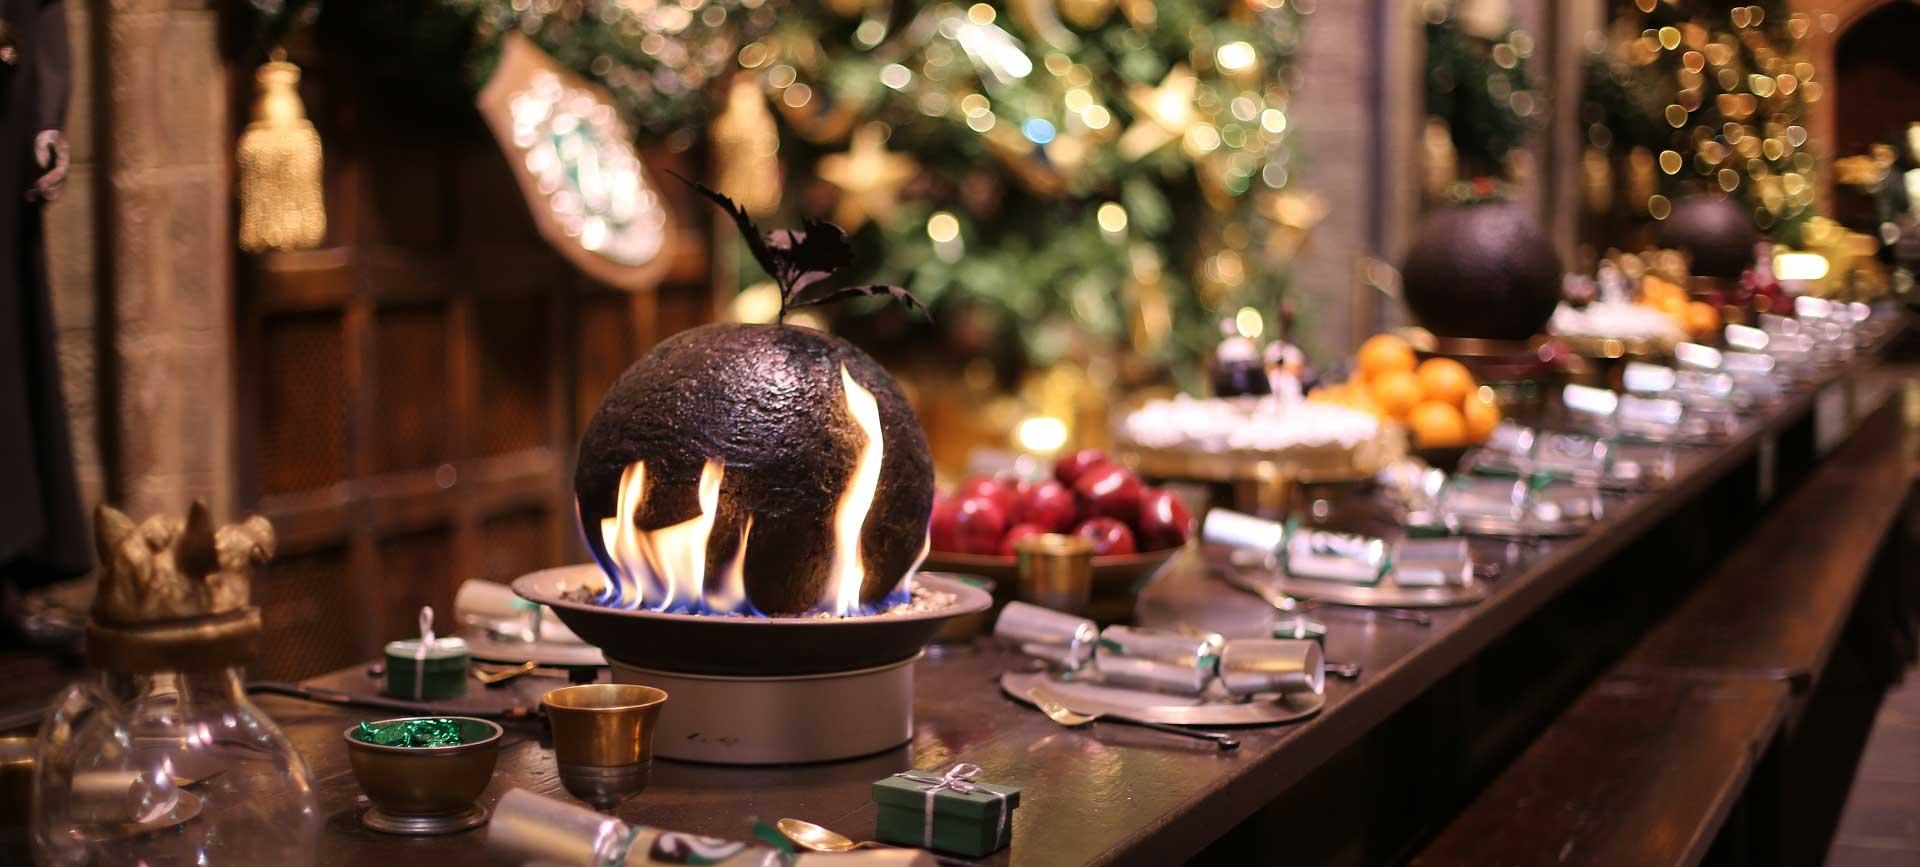 dinner-christmas-hogwarts